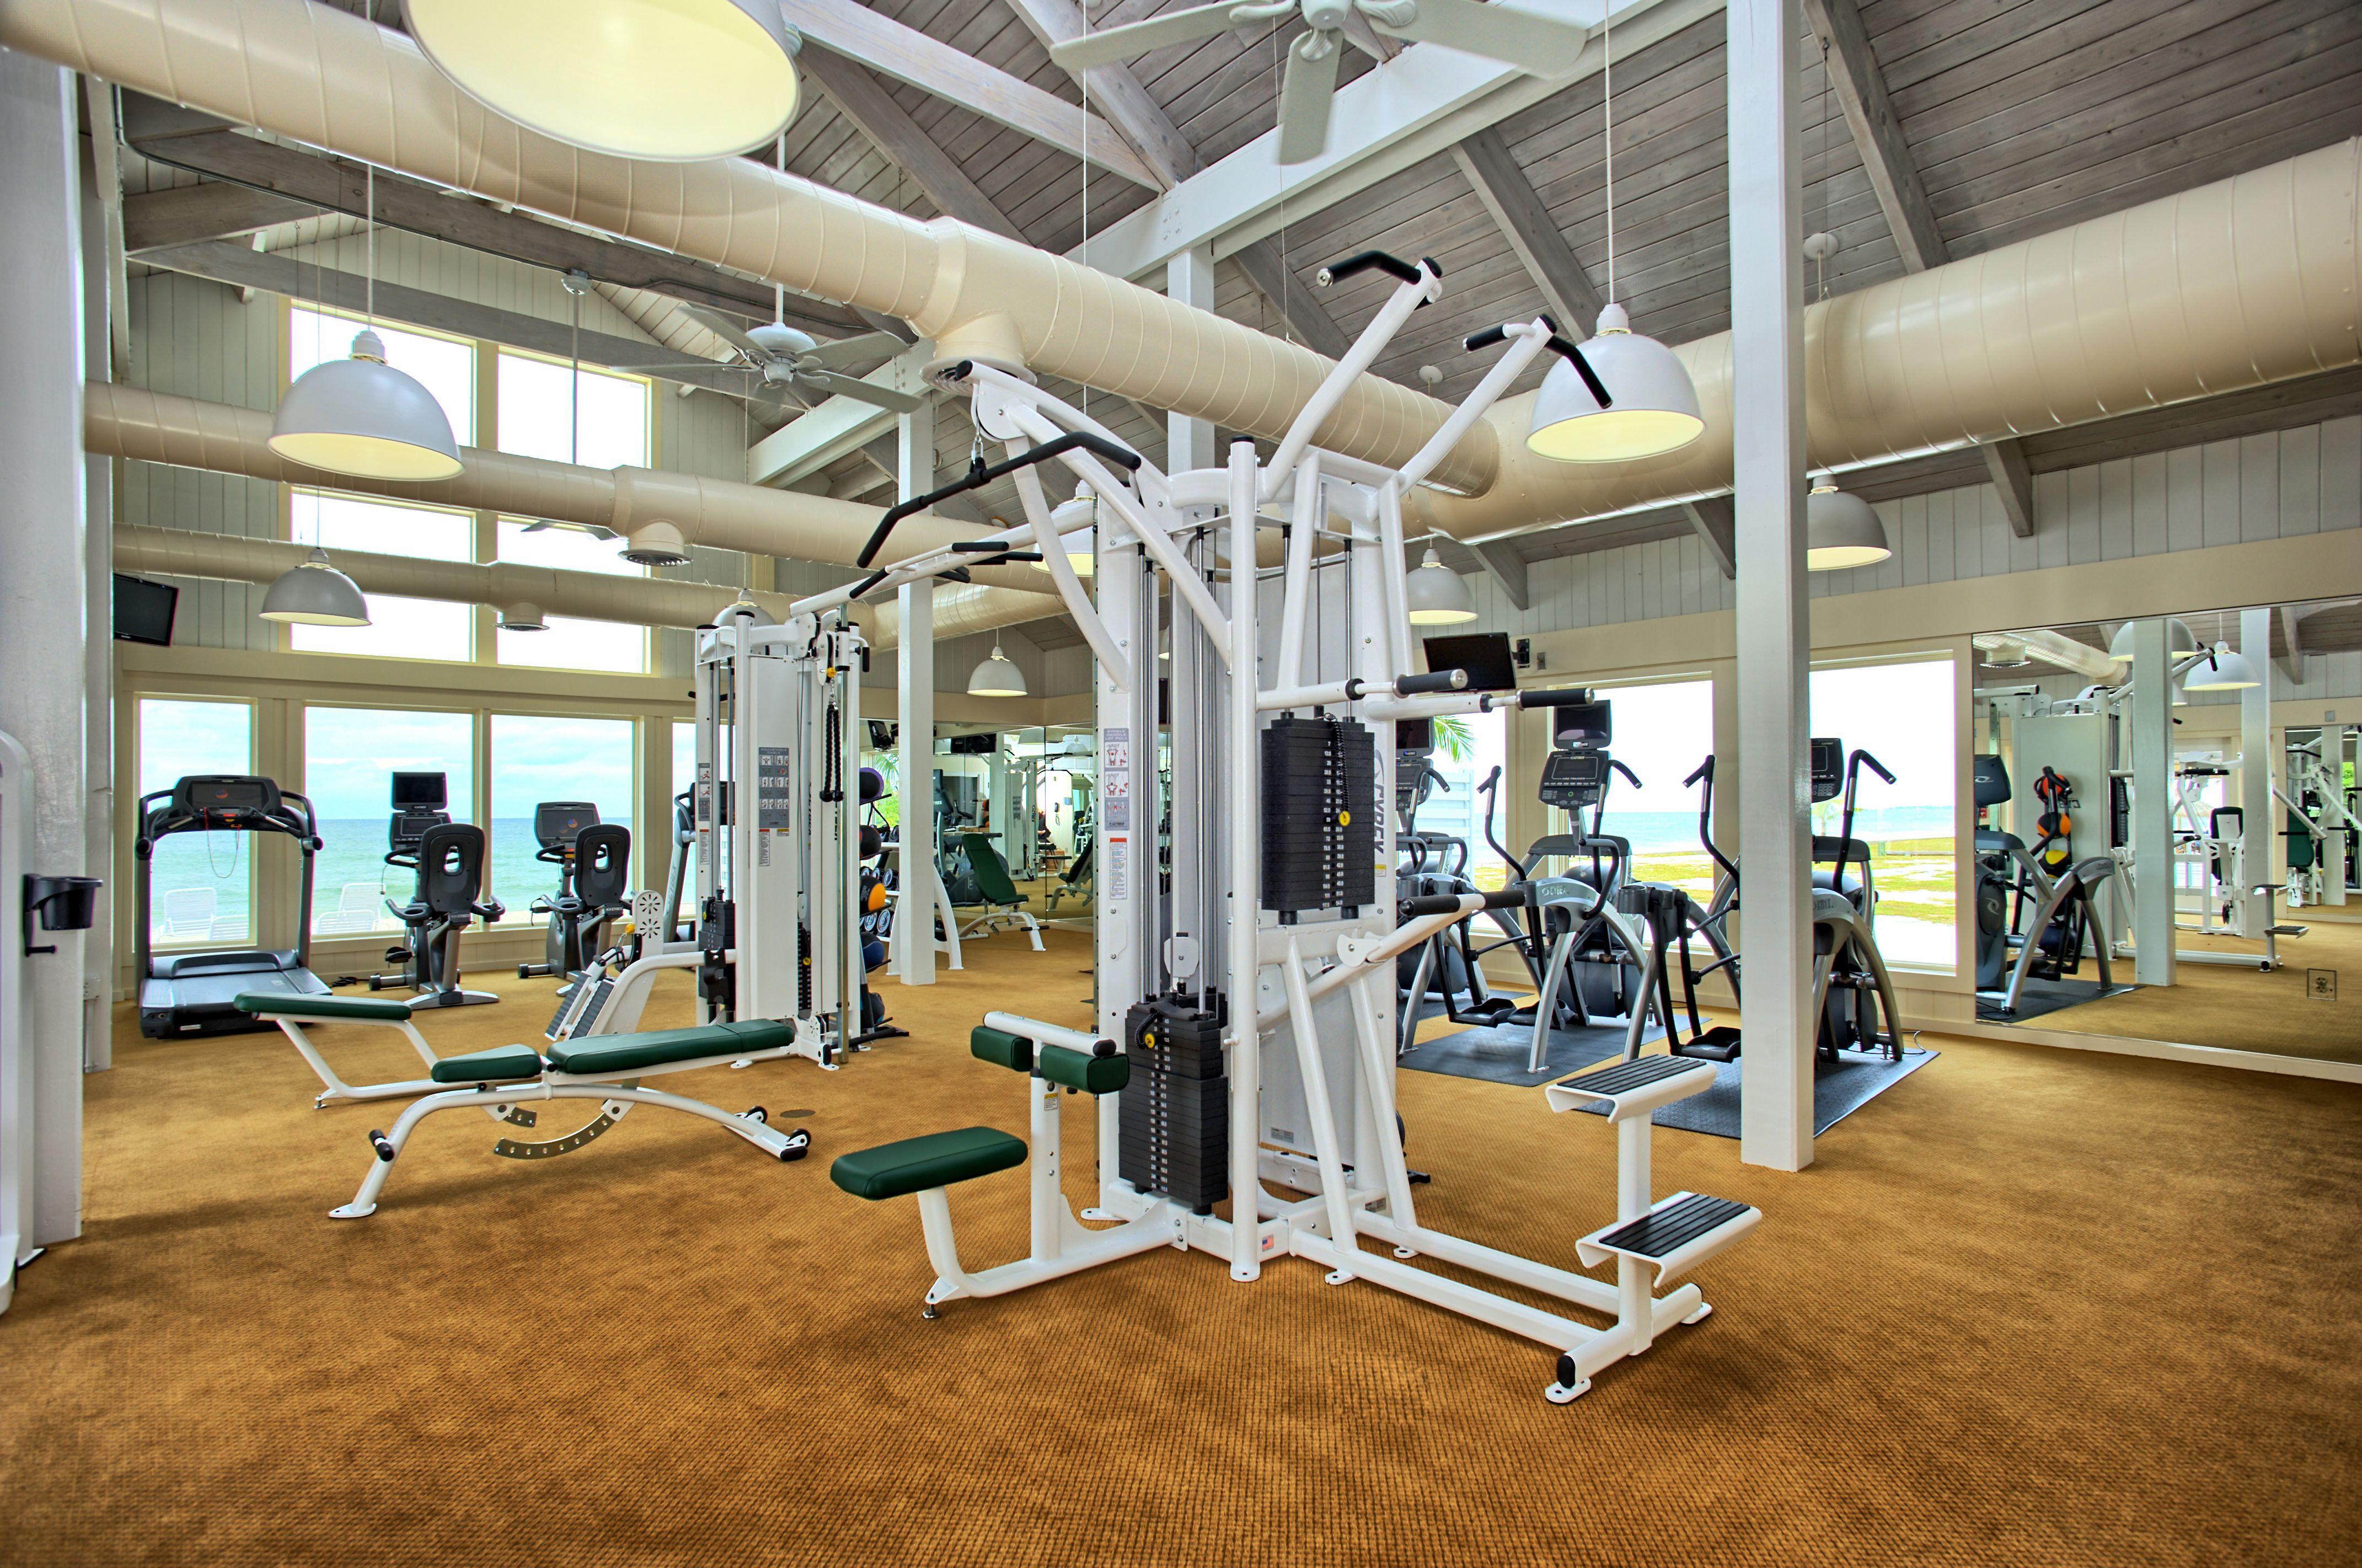 The Fitness Center Gym Fitness Center Gym Equipment